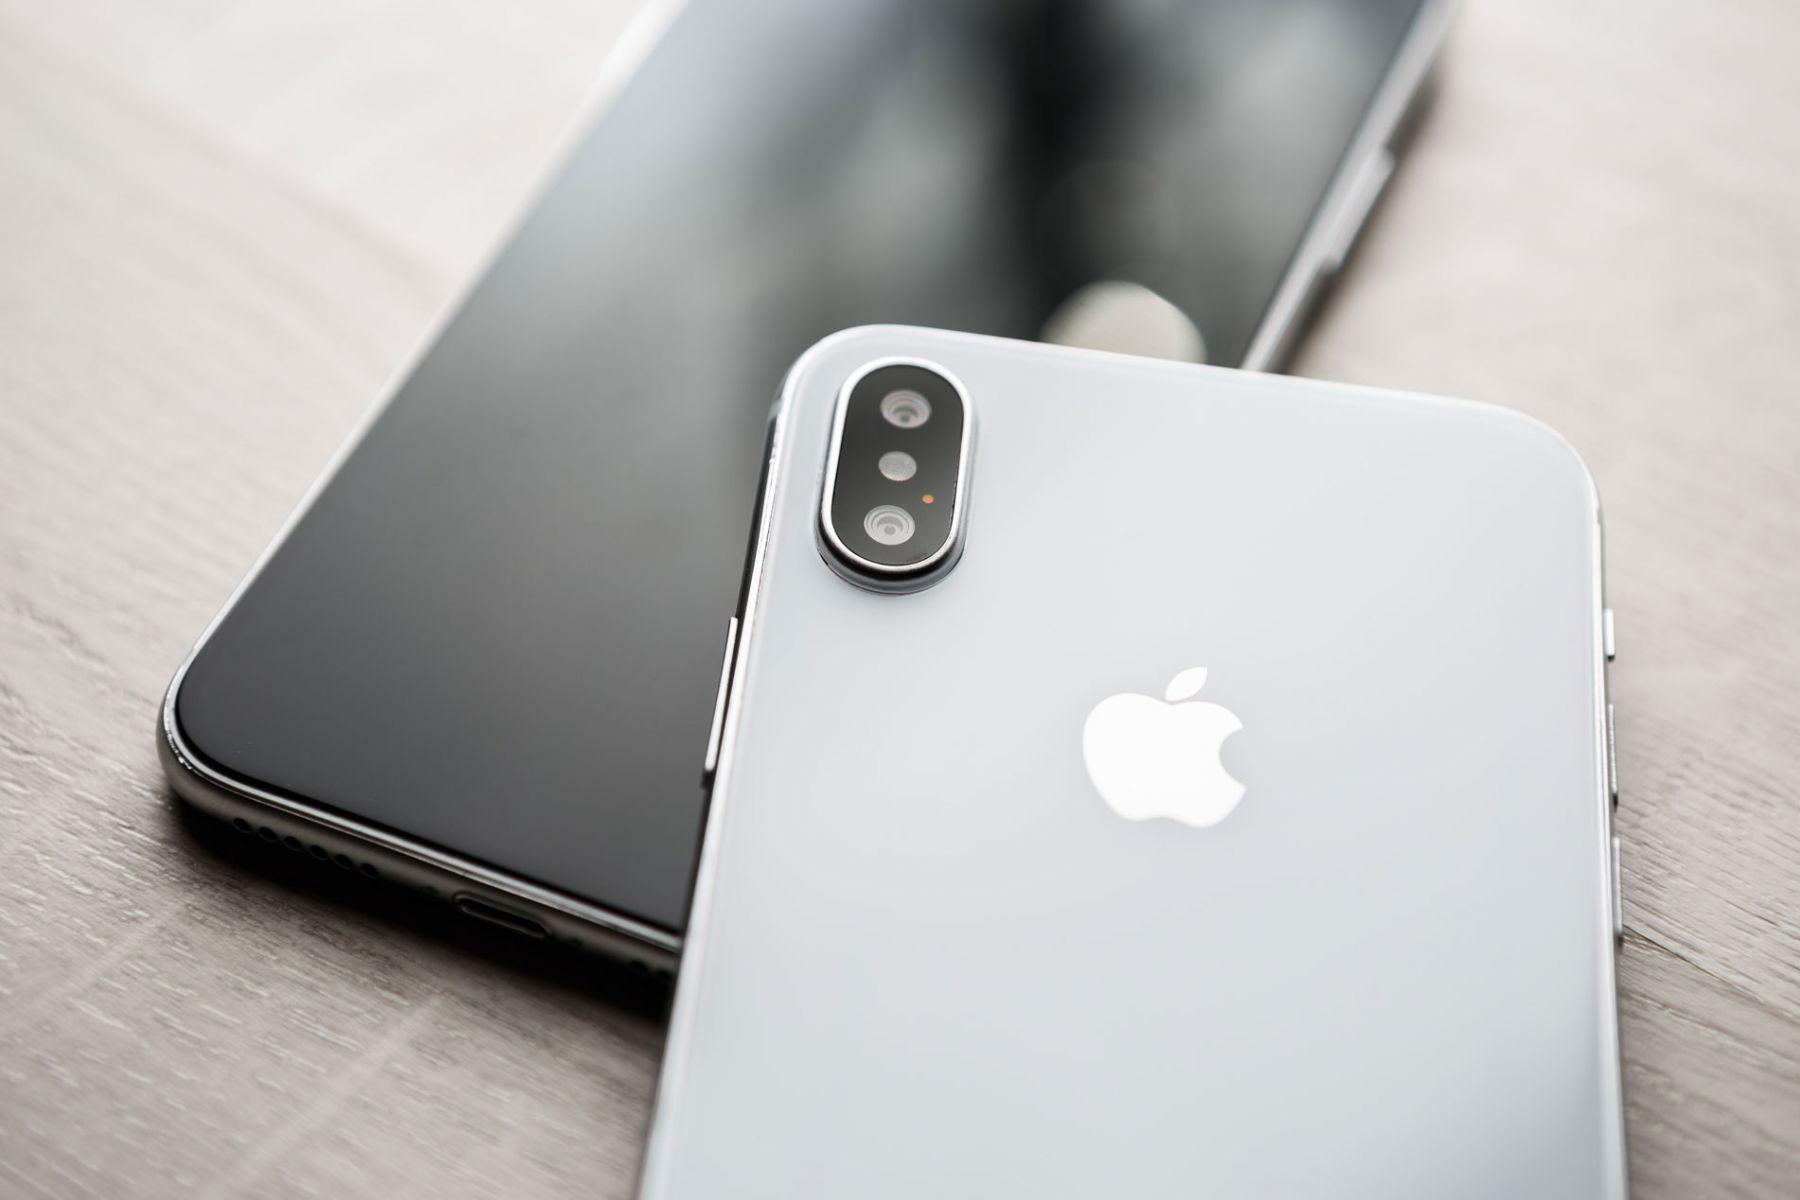 你的iPhone被降頻了嗎?三條件檢視